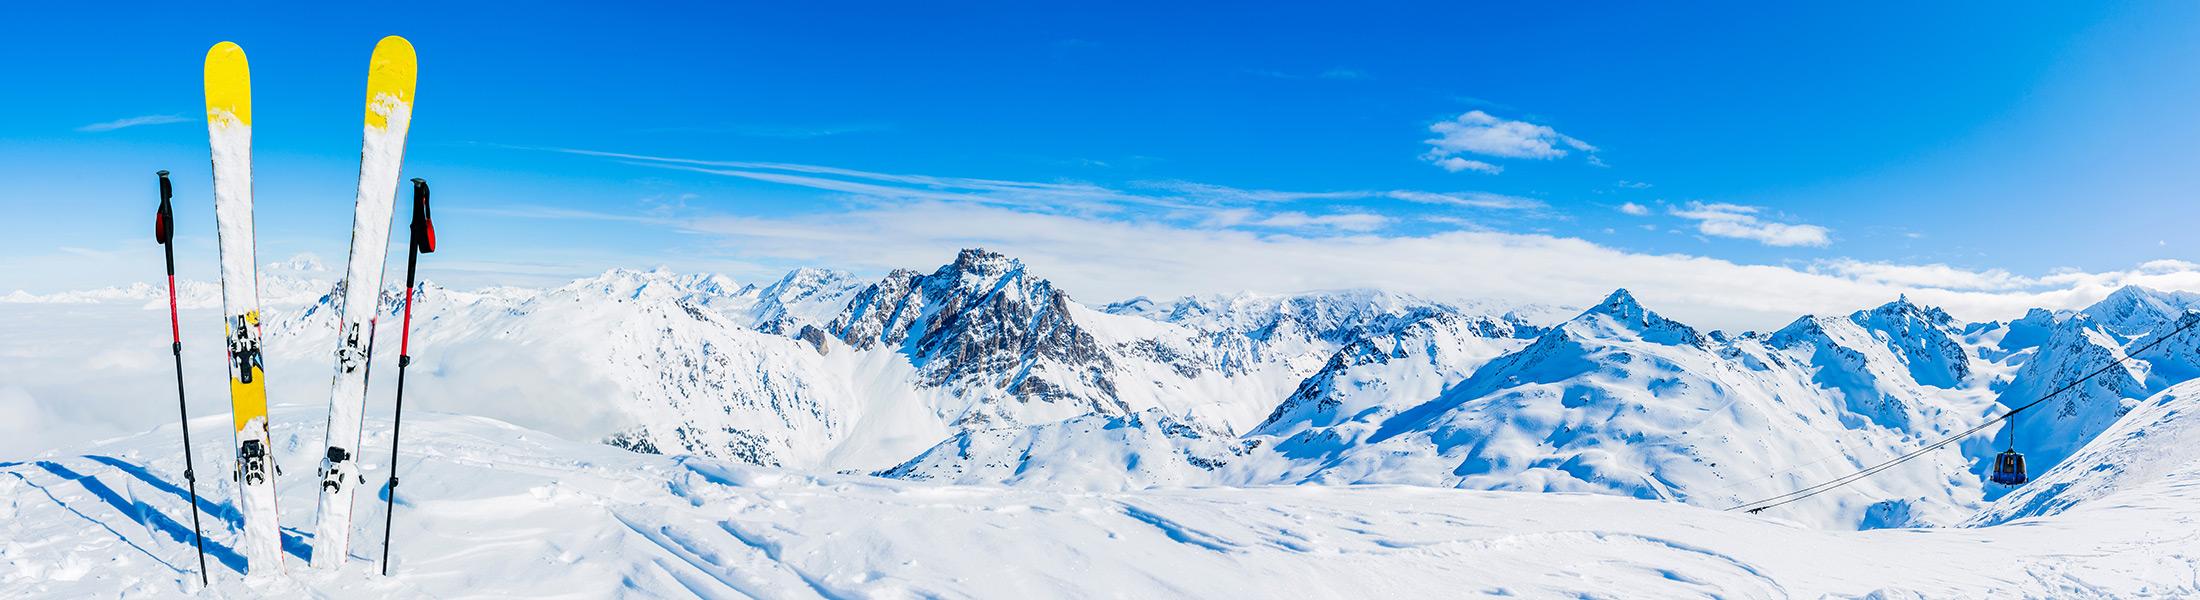 skis on a mountain top